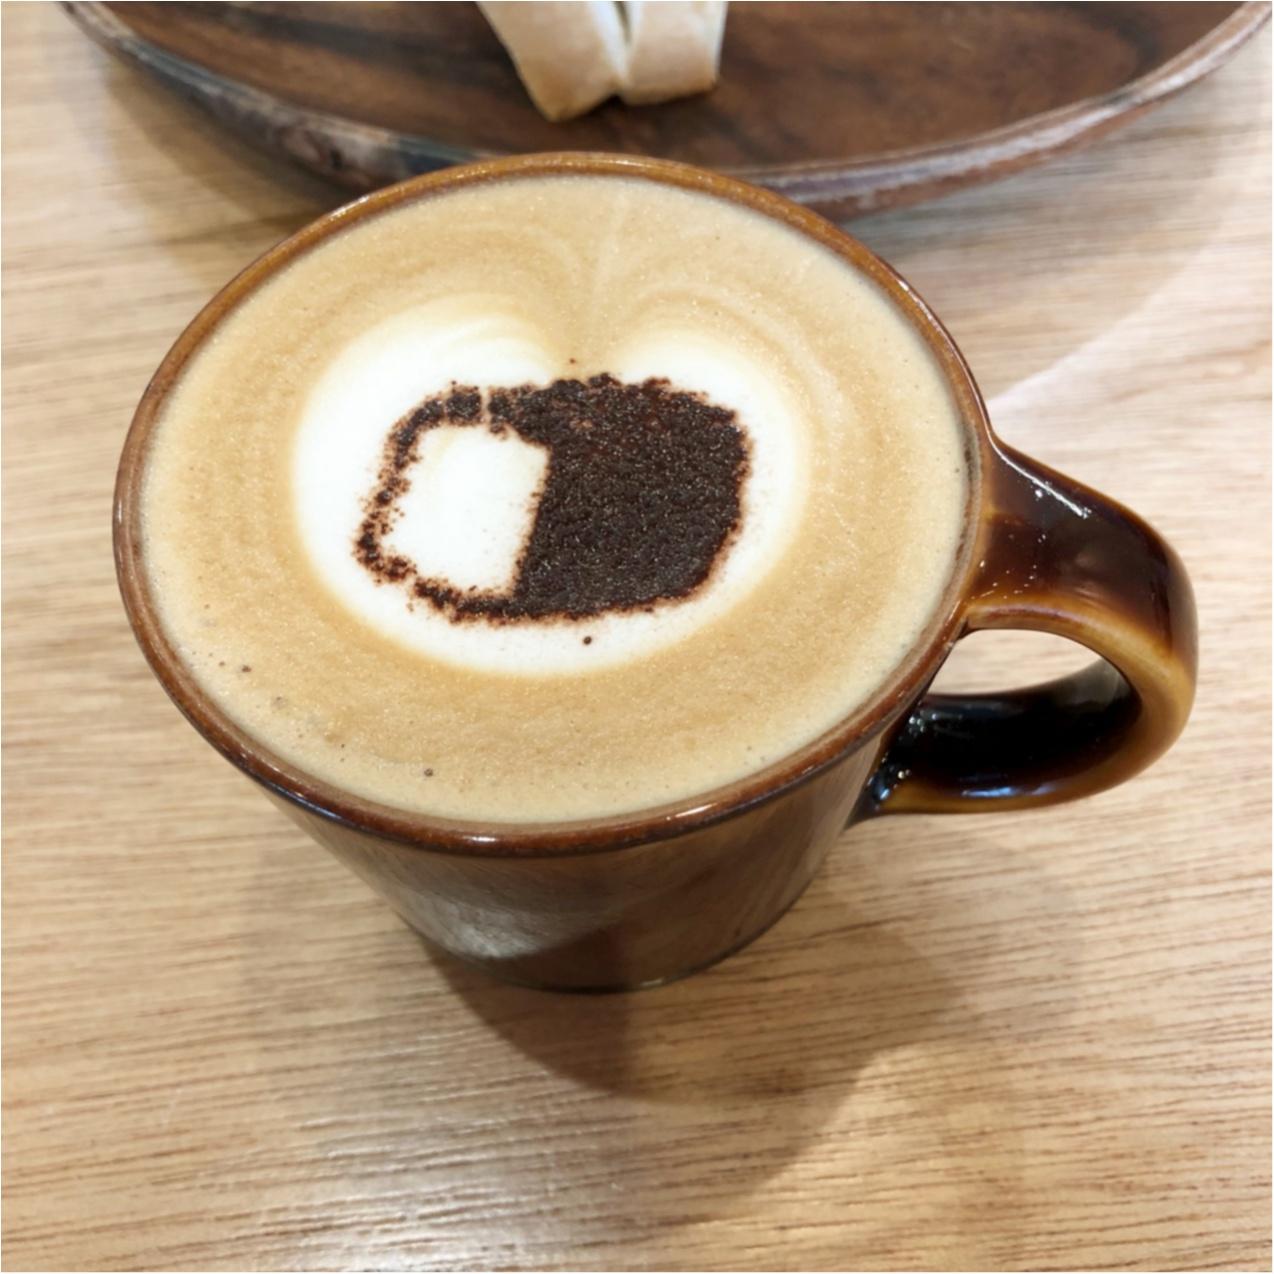 博多の食パン専門店『 むつか堂カフェ  』のフルーツミックスサンドがふわふわ甘くて美味しい♡♡_4